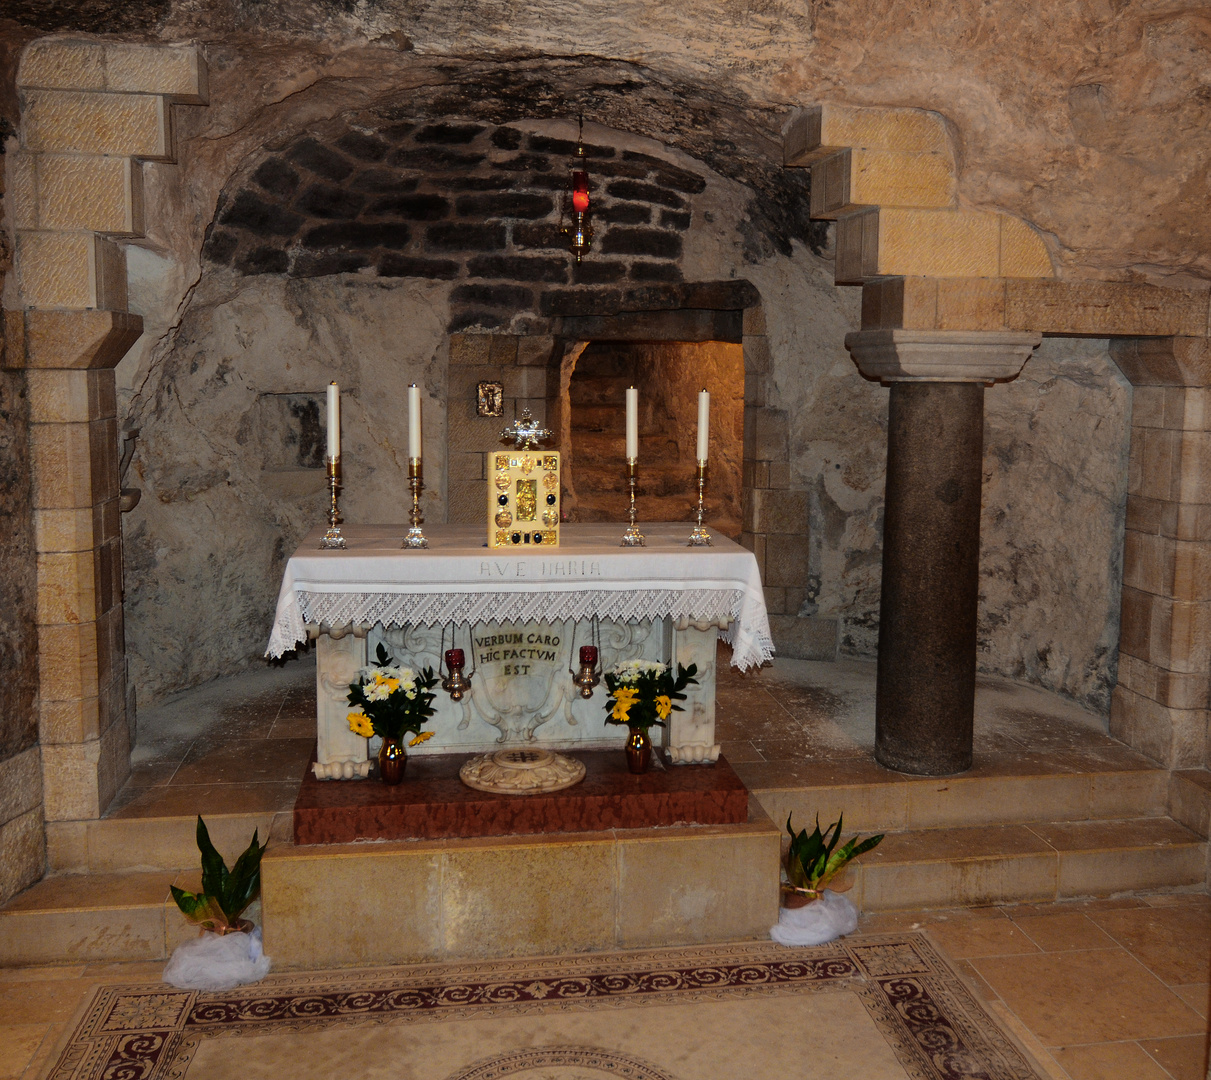 Grotte in der Verkündigungskirche in Nazareth